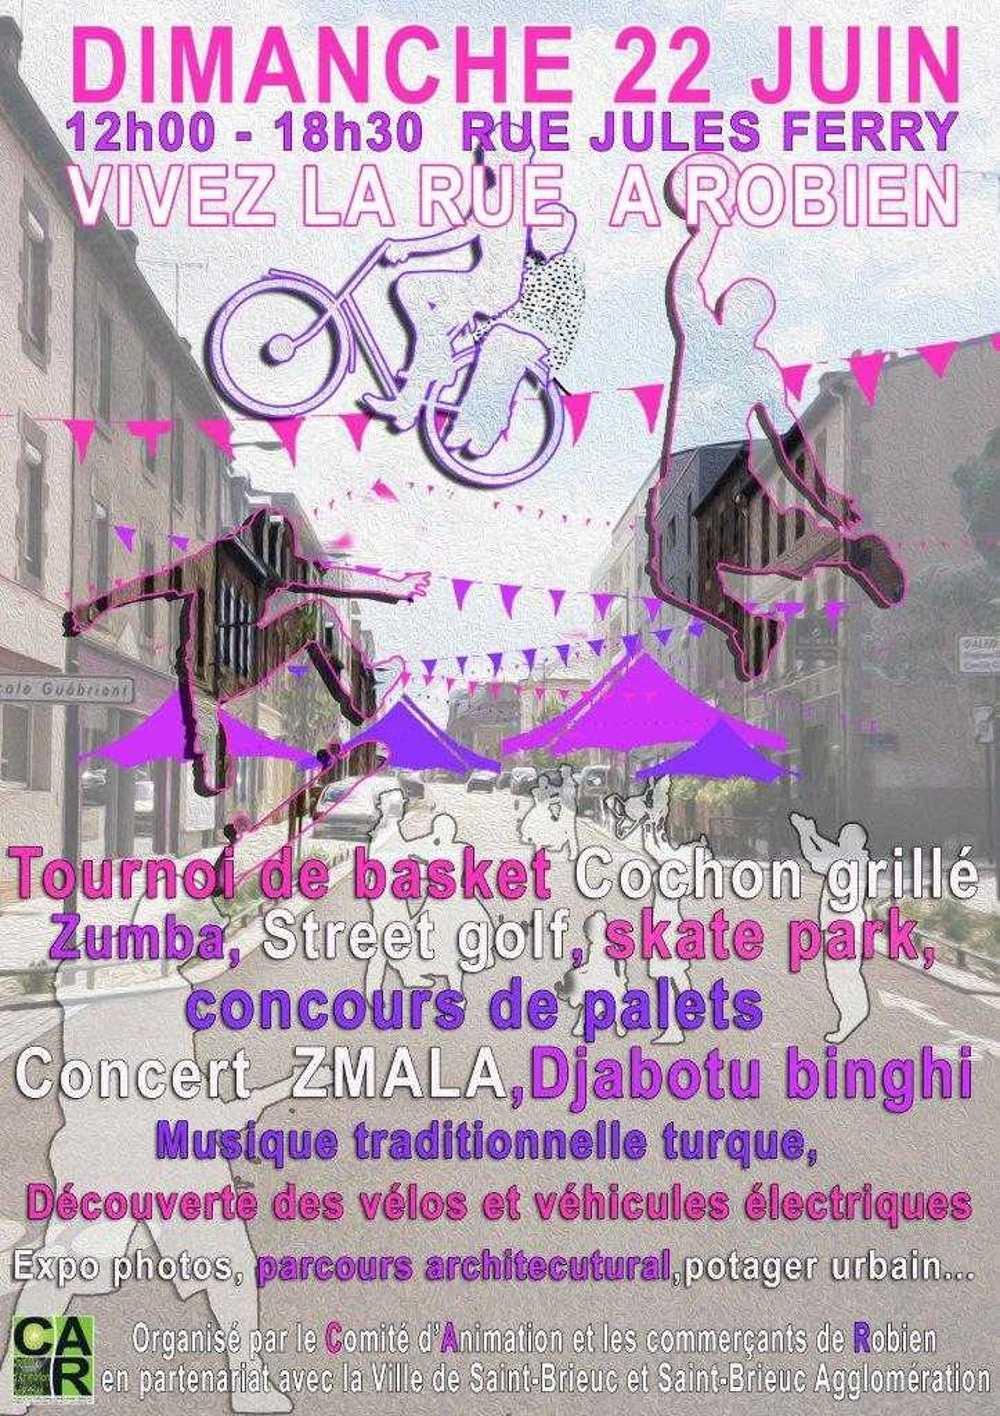 Vivez la rue à Robien, dimanche 22 juin 2014 affiche22juin